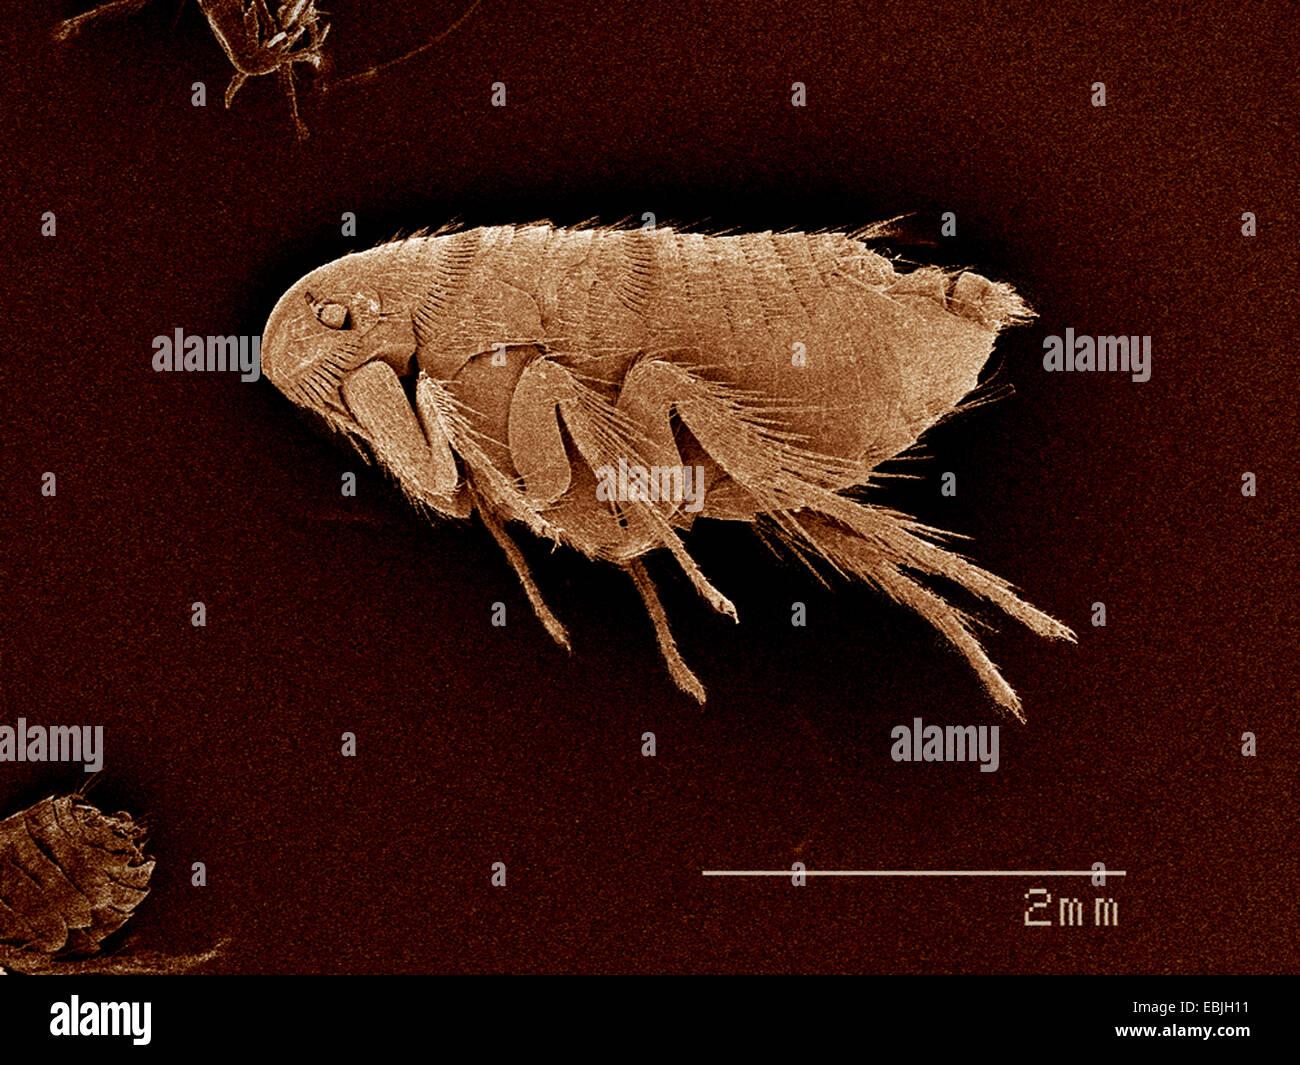 A flea, Siphonaptera SEM - Stock Image